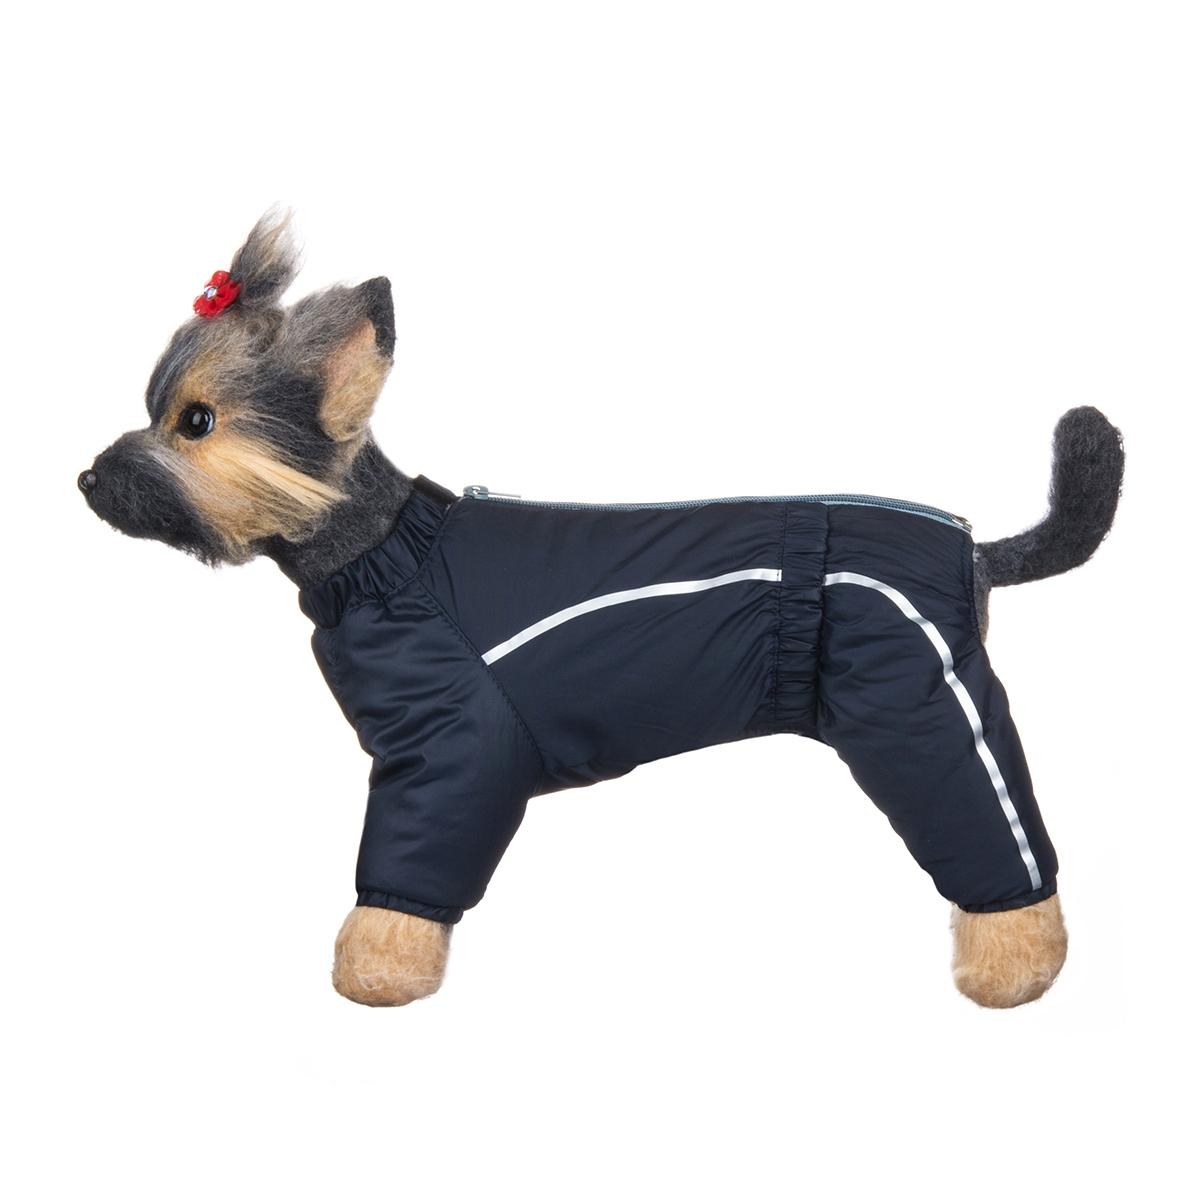 Комбинезон для собак Dogmoda Альпы, зимний, для мальчика, цвет: синий, светло-серый. Размер 3 (L)DM-150351-3Зимний комбинезон для собак Dogmoda Альпы отлично подойдет для прогулок в зимнее время года. Комбинезон изготовлен из полиэстера, защищающего от ветра и снега, с утеплителем из синтепона, который сохранит тепло даже в сильные морозы, а на подкладке используется искусственный мех, который обеспечивает отличный воздухообмен. Комбинезон застегивается на молнию и липучку, благодаря чему его легко надевать и снимать. Ворот, низ рукавов и брючин оснащены внутренними резинками, которые мягко обхватывают шею и лапки, не позволяя просачиваться холодному воздуху. На пояснице имеется внутренняя резинка. Изделие декорировано серебристыми полосками и надписью DM. Благодаря такому комбинезону простуда не грозит вашему питомцу и он сможет испытать не сравнимое удовольствие от снежных игр и забав.